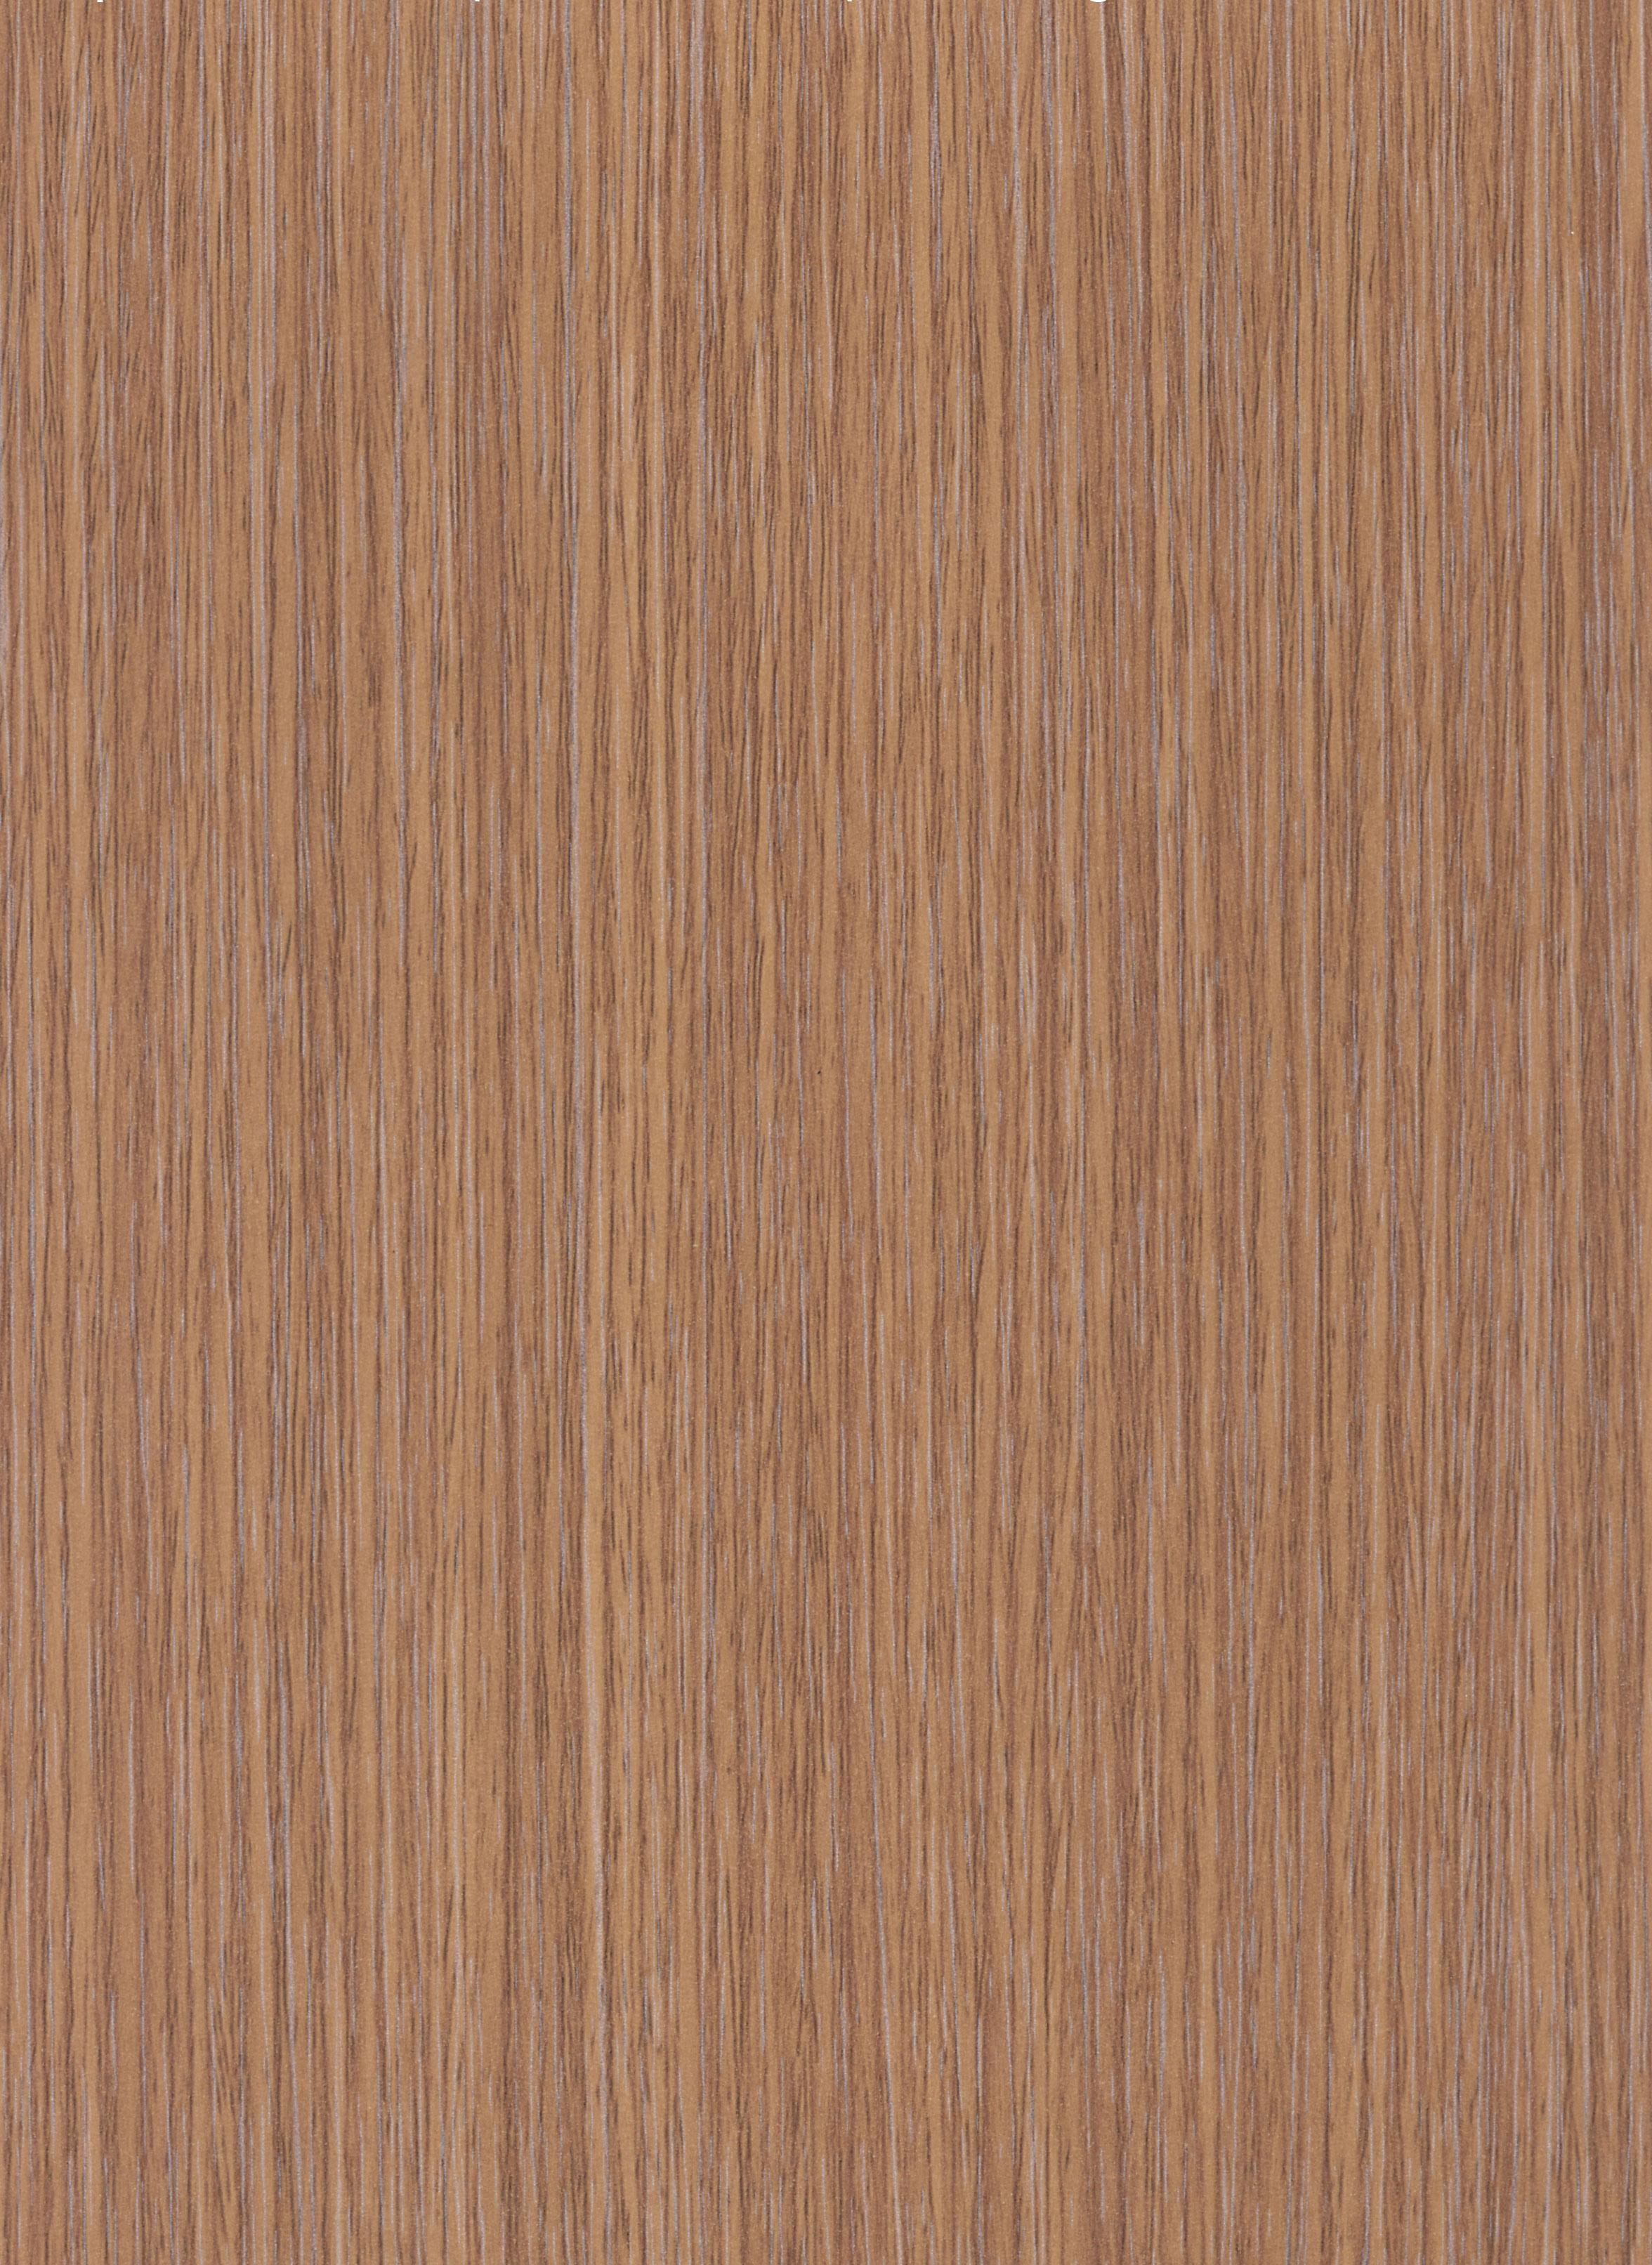 8247 - Royal Oak Woodgrain High Pressure Laminate